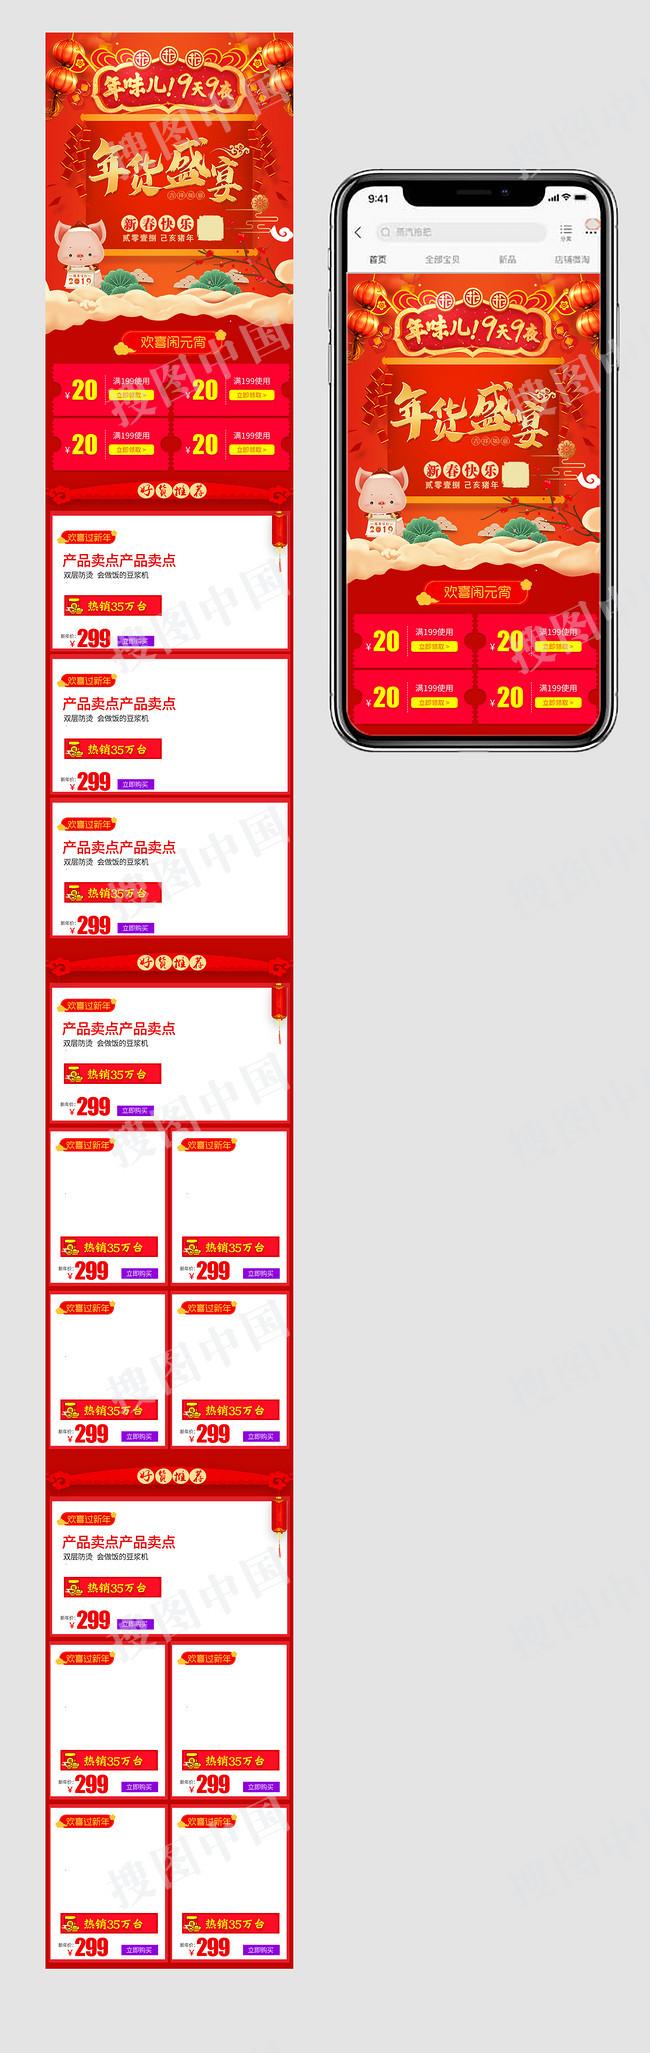 淘宝天猫新年快乐年货节手机端首页模板